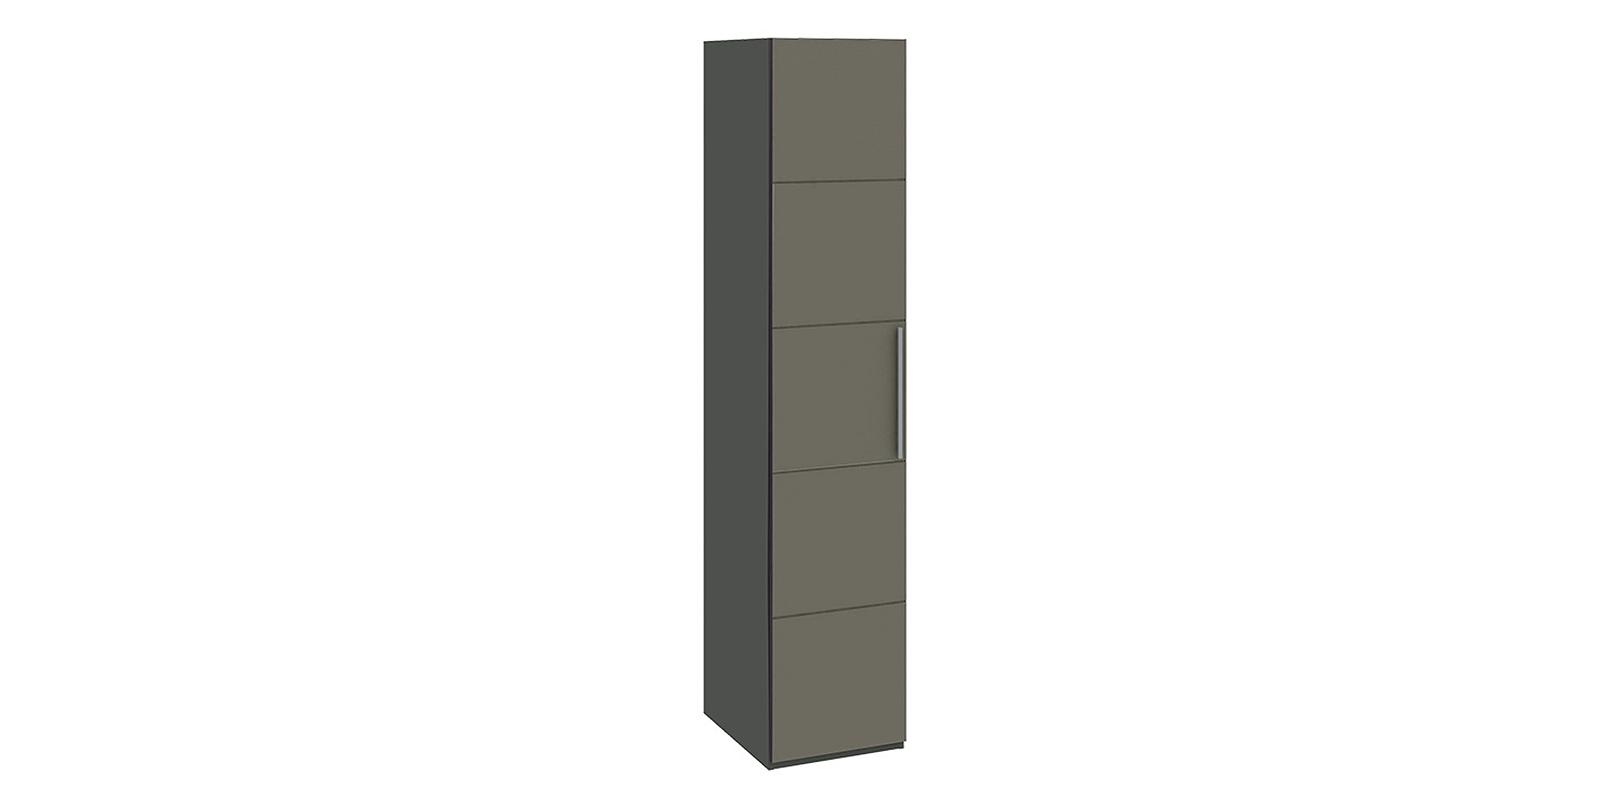 Шкаф распашной однодверный Сорренто вариант №2 (серый/коричневый)